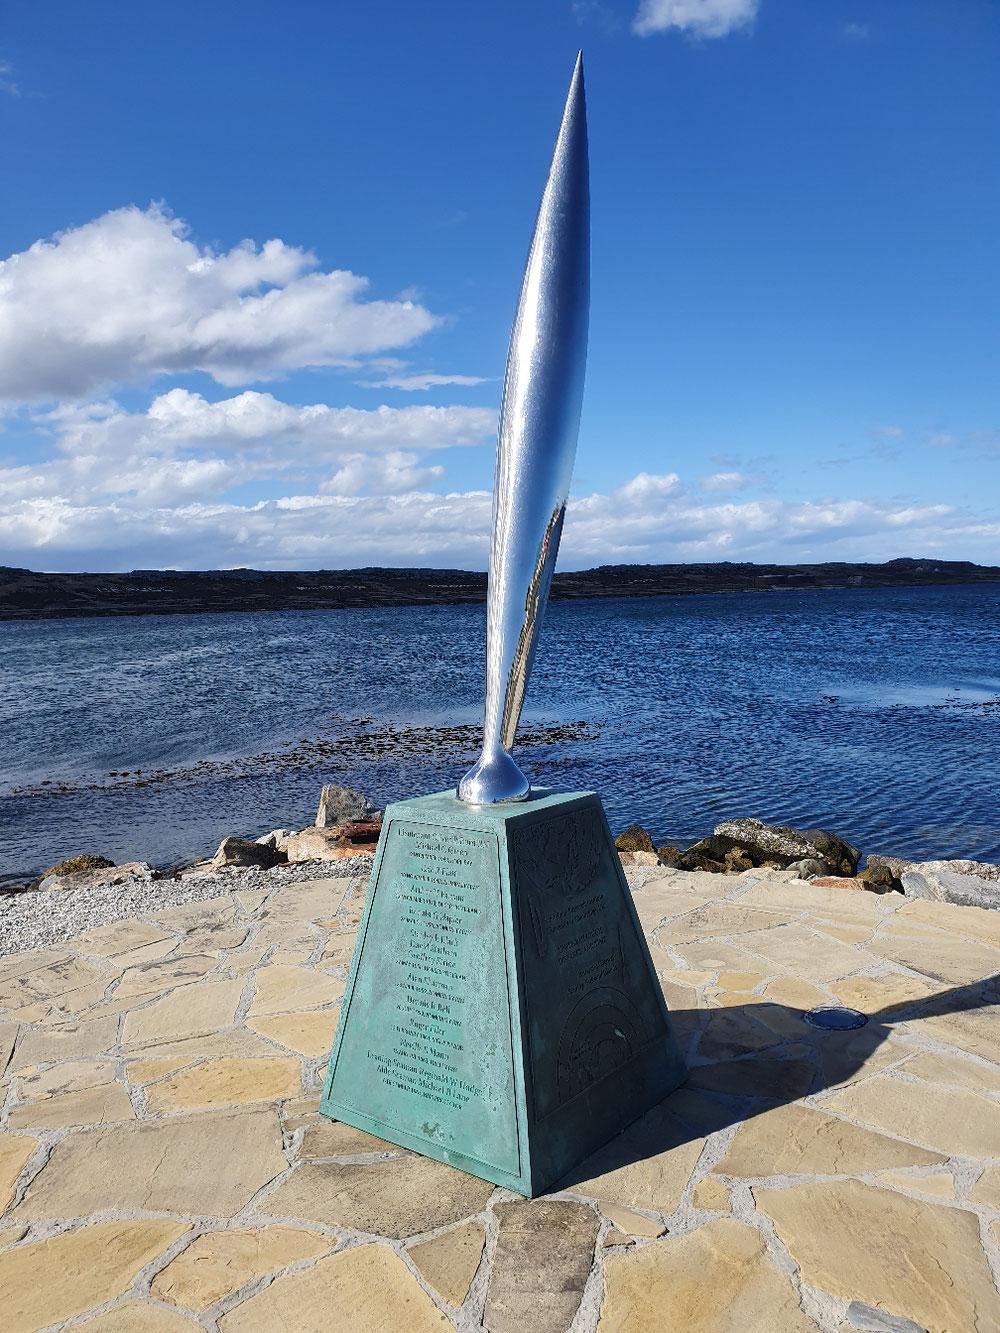 Das Antarktis-Denkmal in Port Stanley ist allen in der Antarktis gestorbenen Wissenschaftlern gewidmet